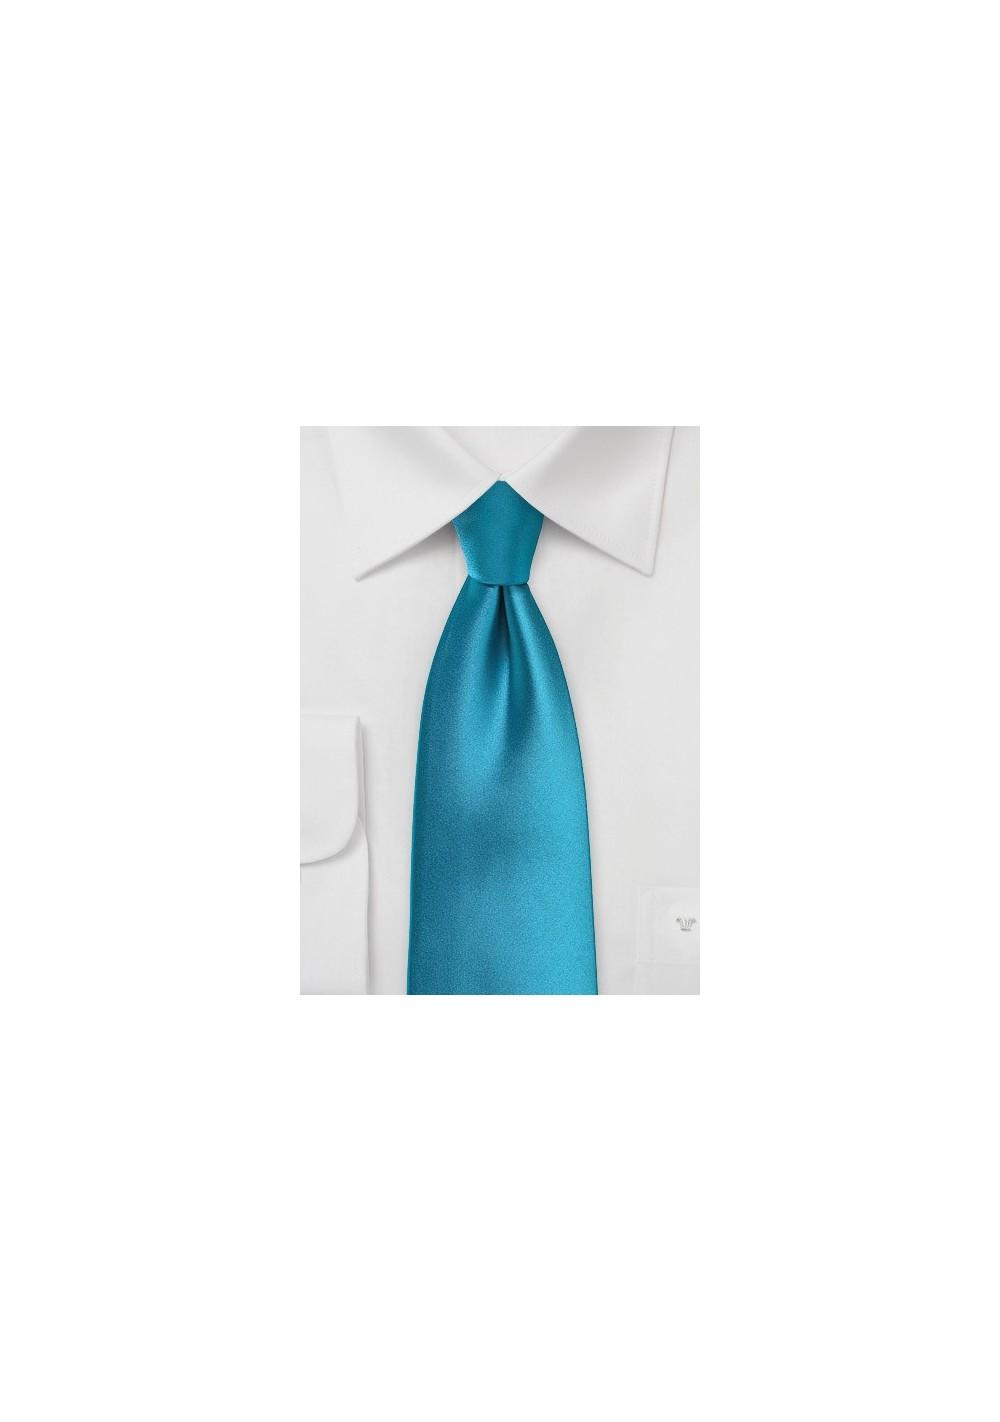 Peacock Blue Necktie in Kids Size